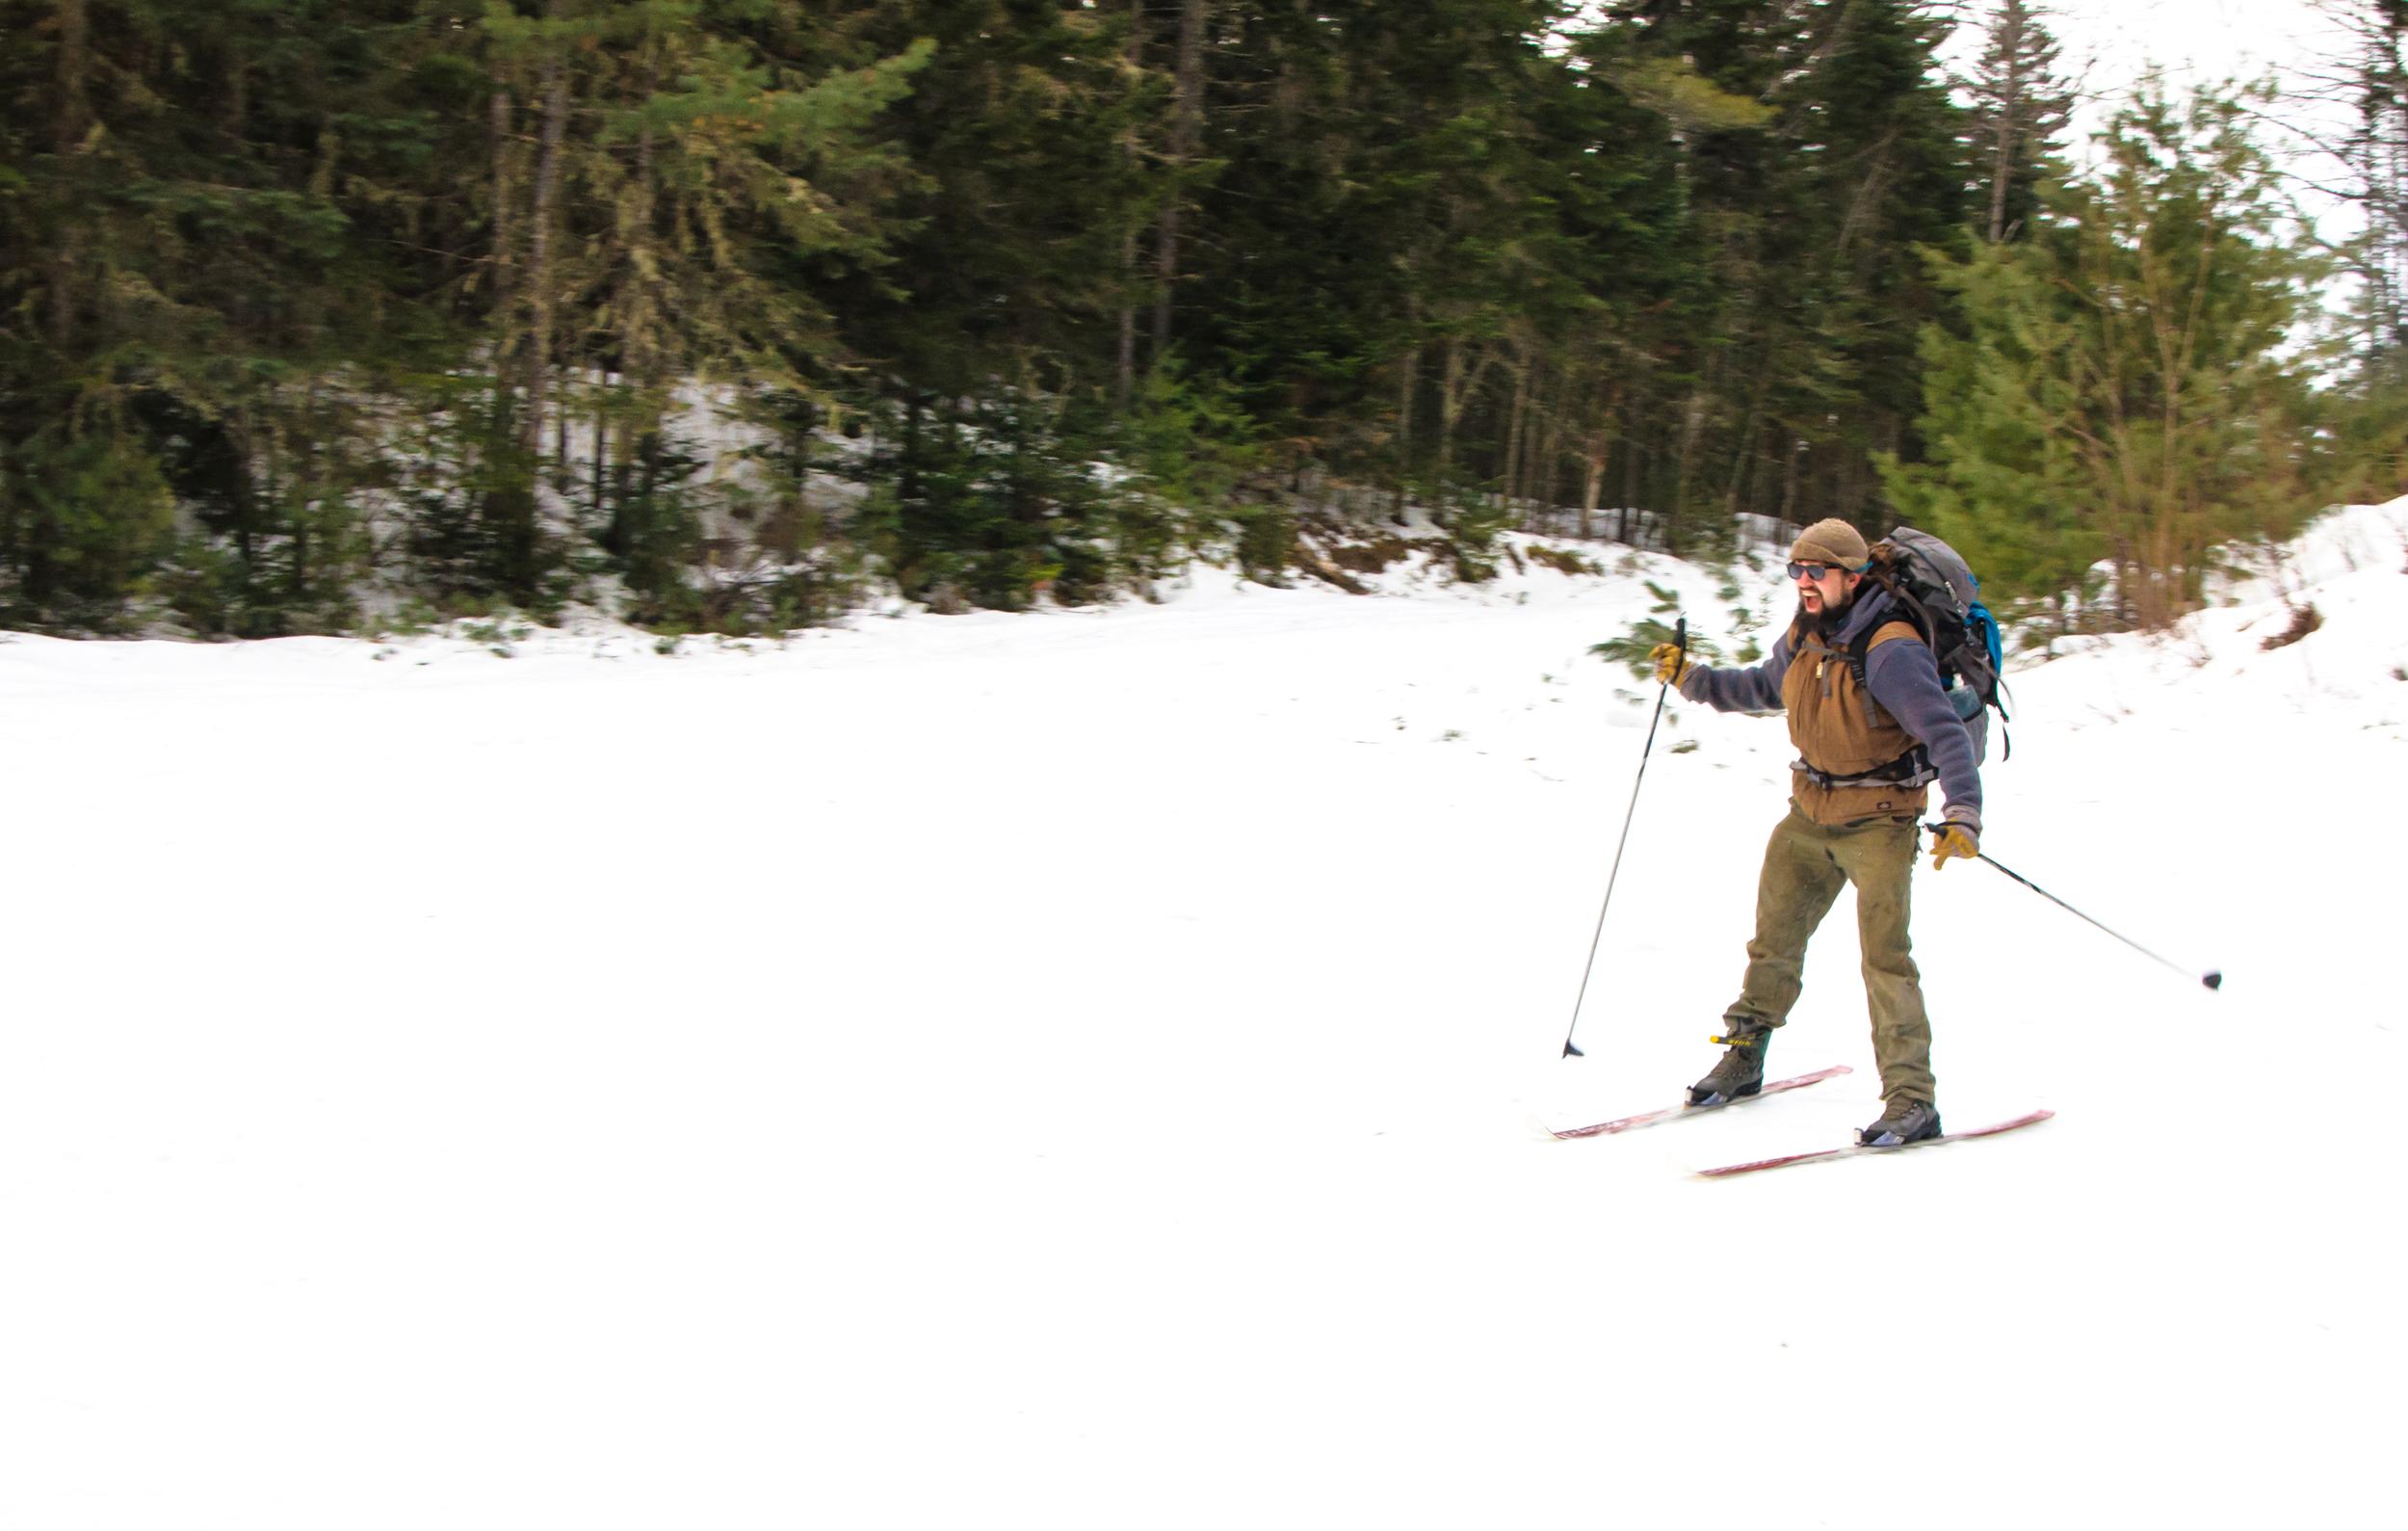 Bigelow Mountains, Maine, USA January 2015